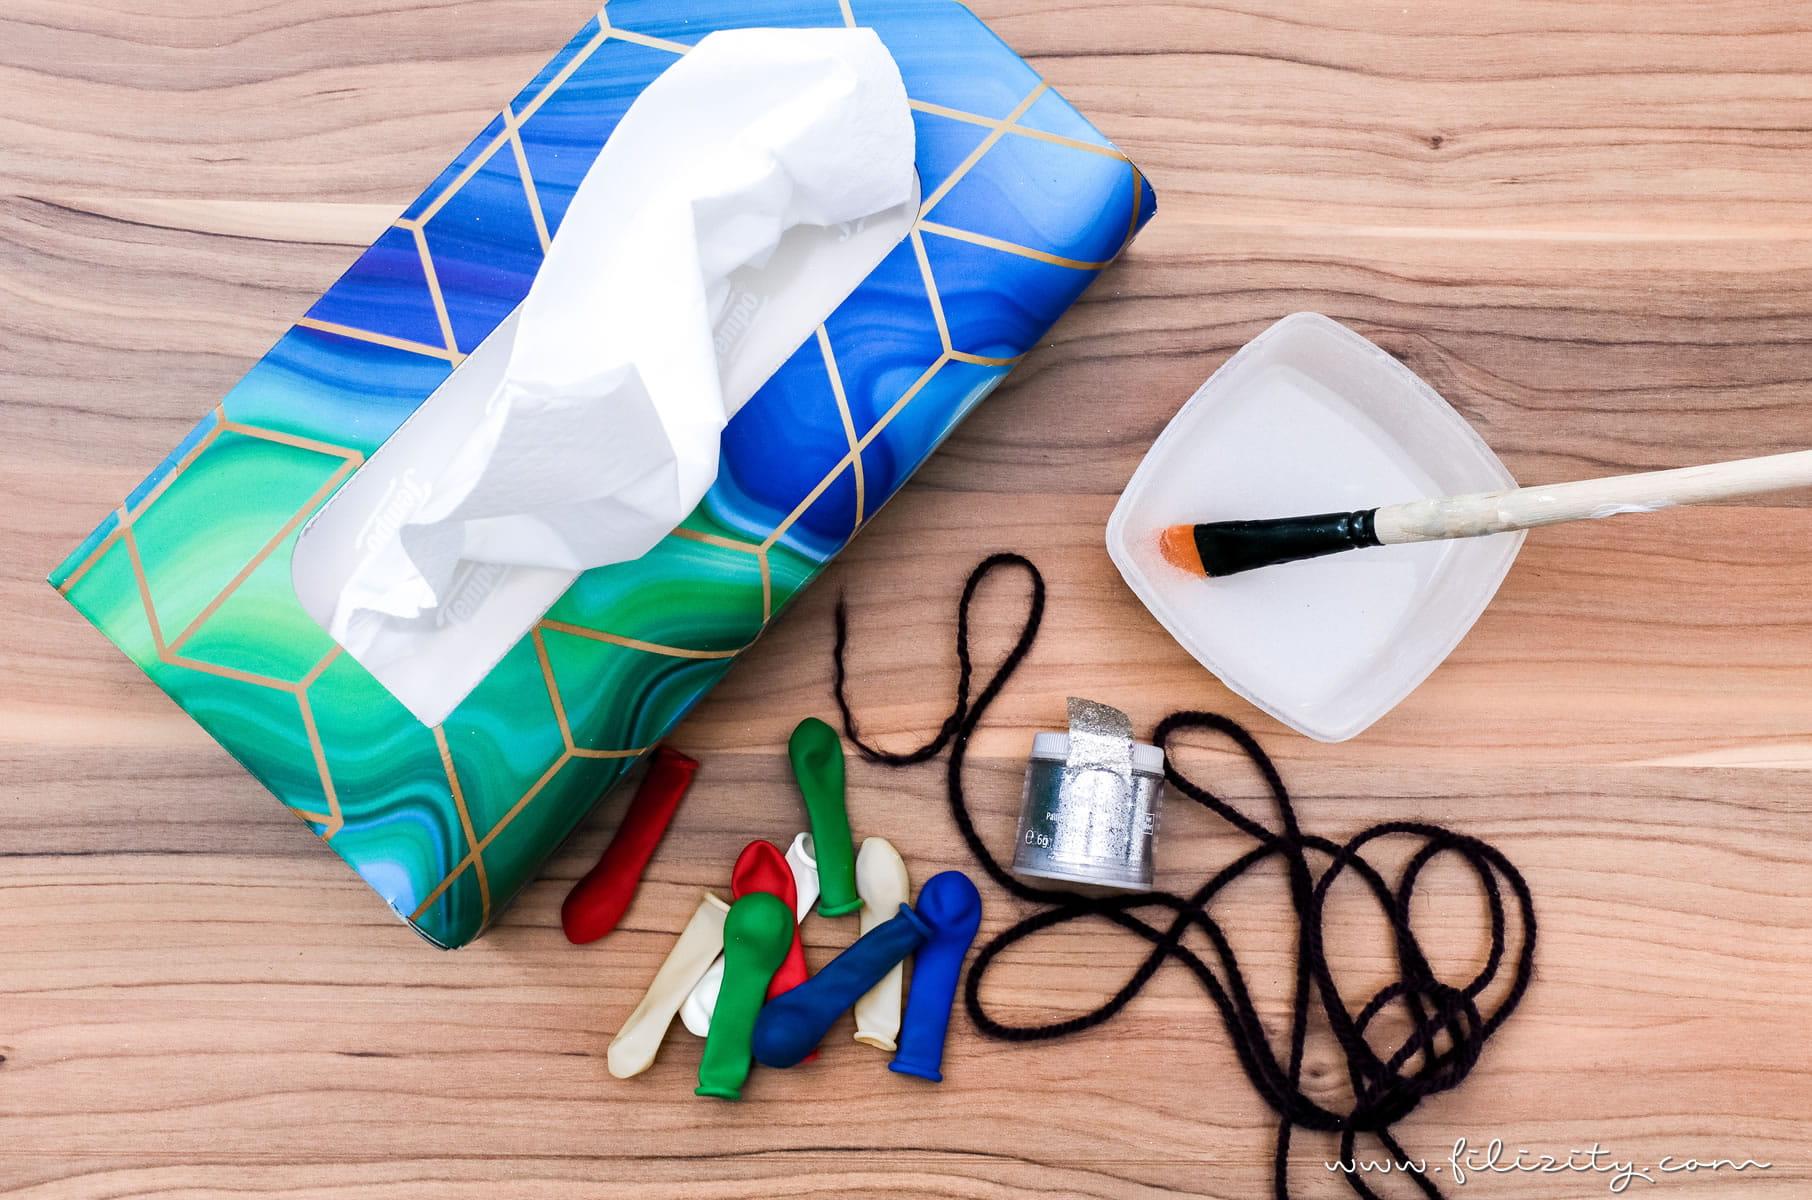 3 weihnachtliche DIY-Ideen mit Taschentüchern | Lichterkette mit Taschentuch-Lampenschirmen | Filizity.com | DIY-Blog aus dem Rheinland #weihnachten #weihnachtsdeko #tempo